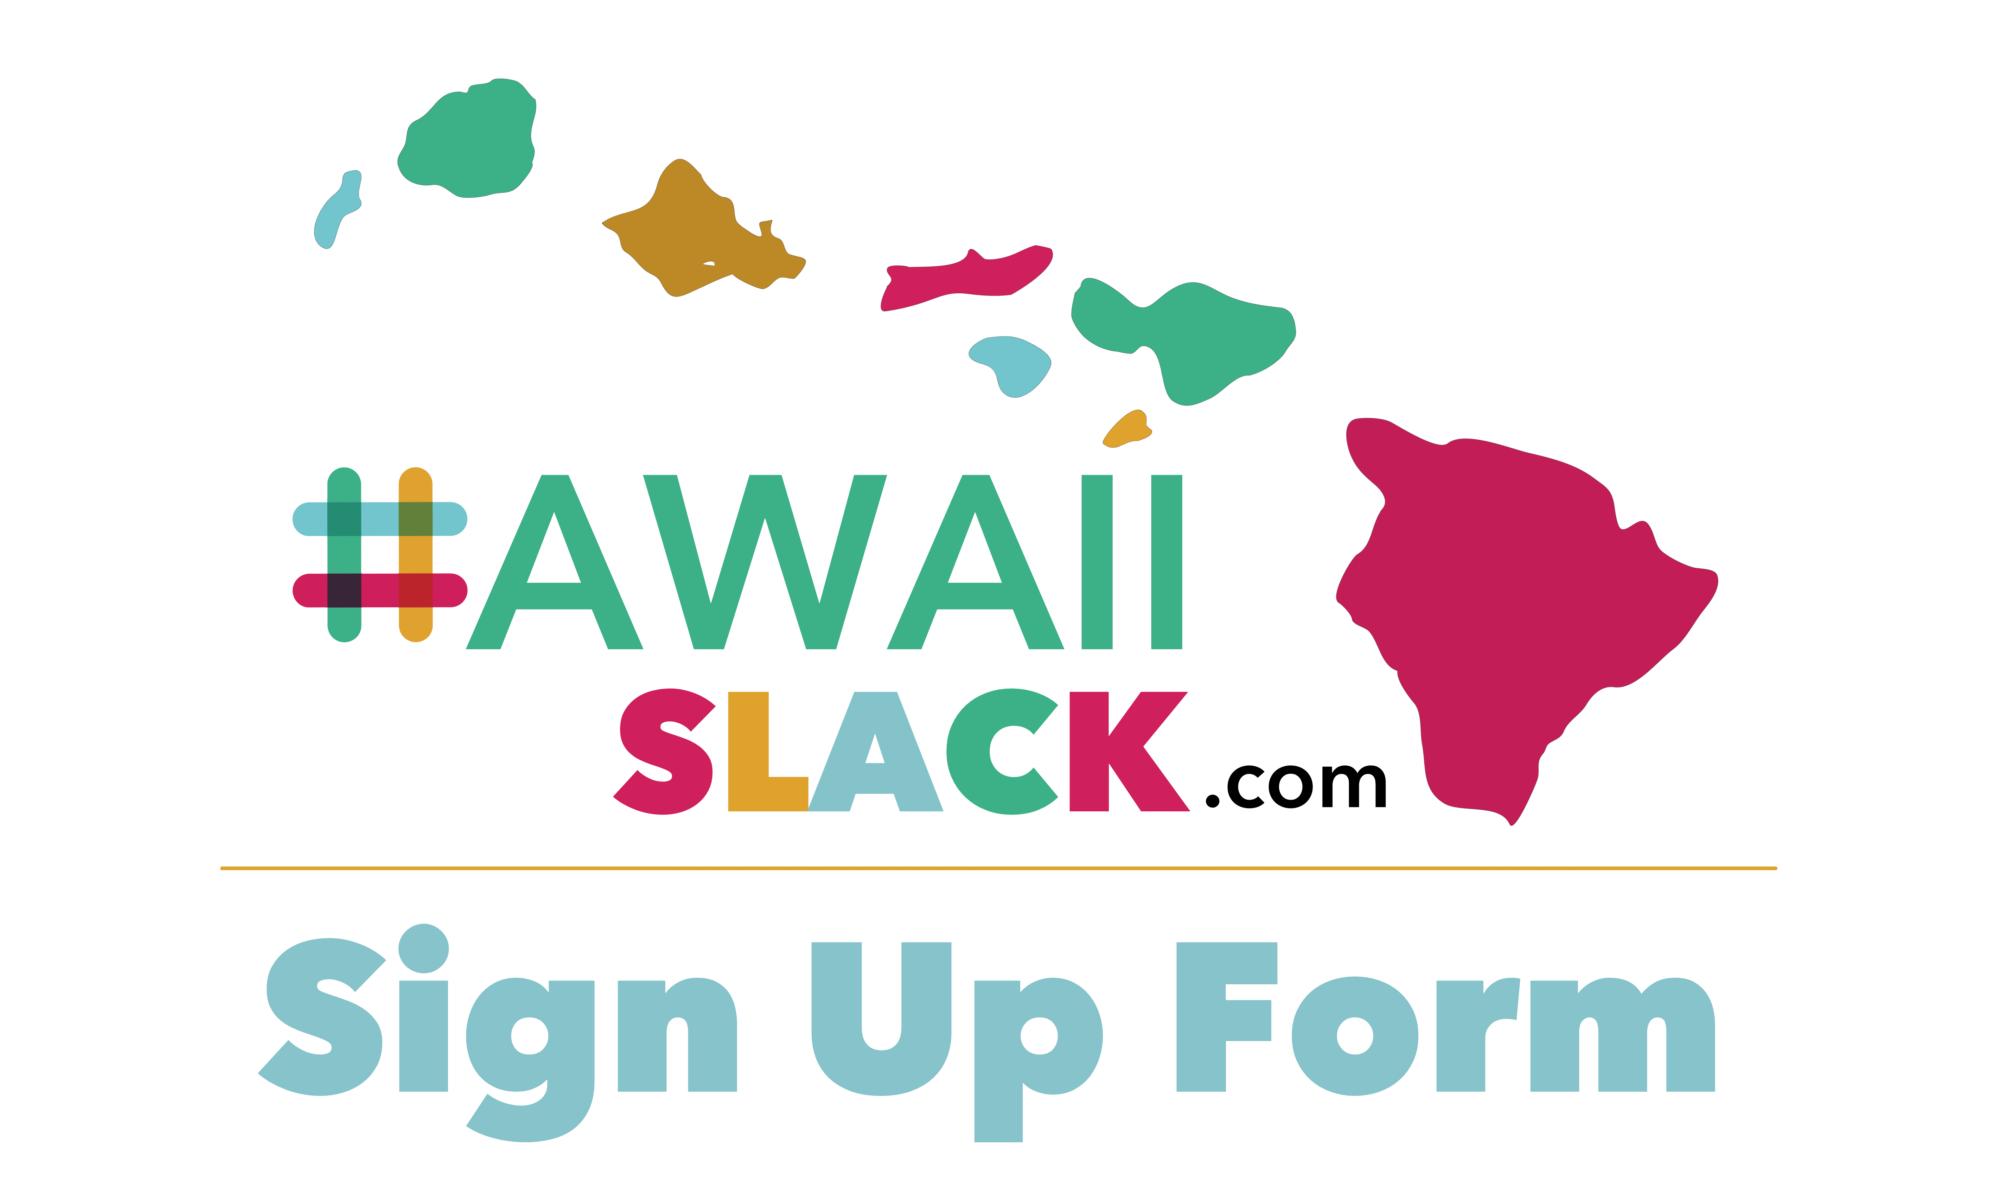 Hawaii Slack Sign-Up Form